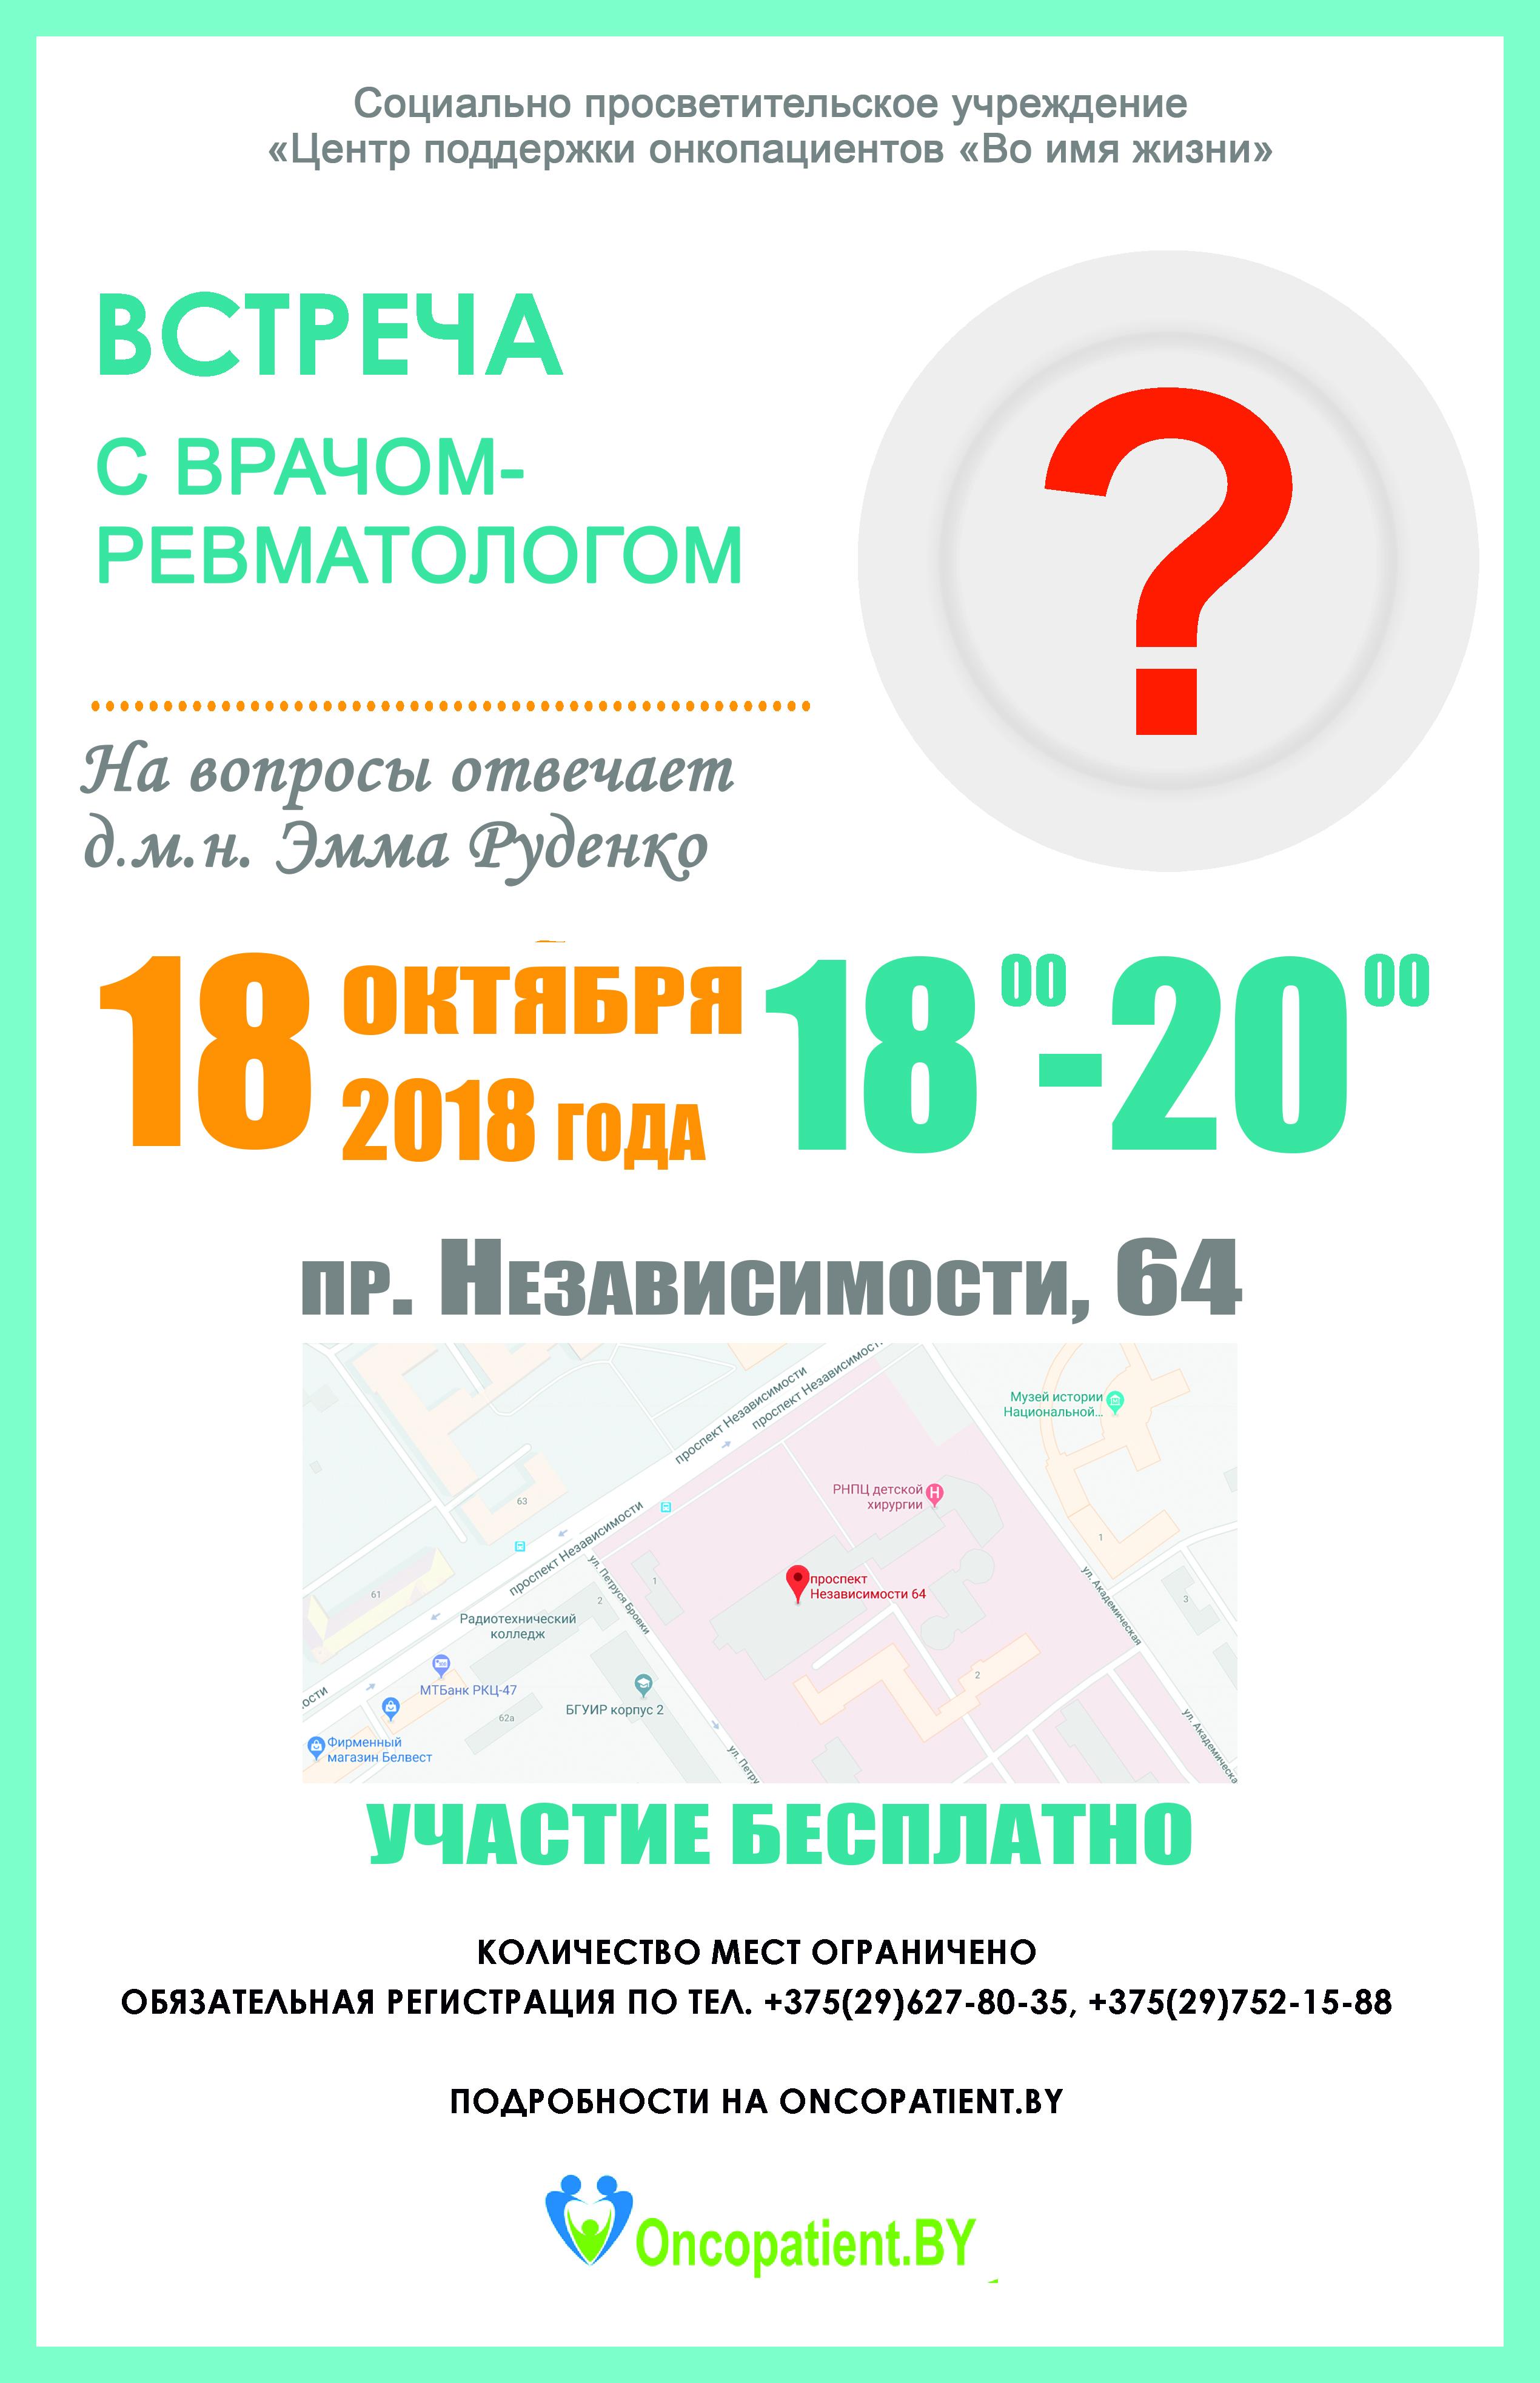 полезная встреча 18.10.18